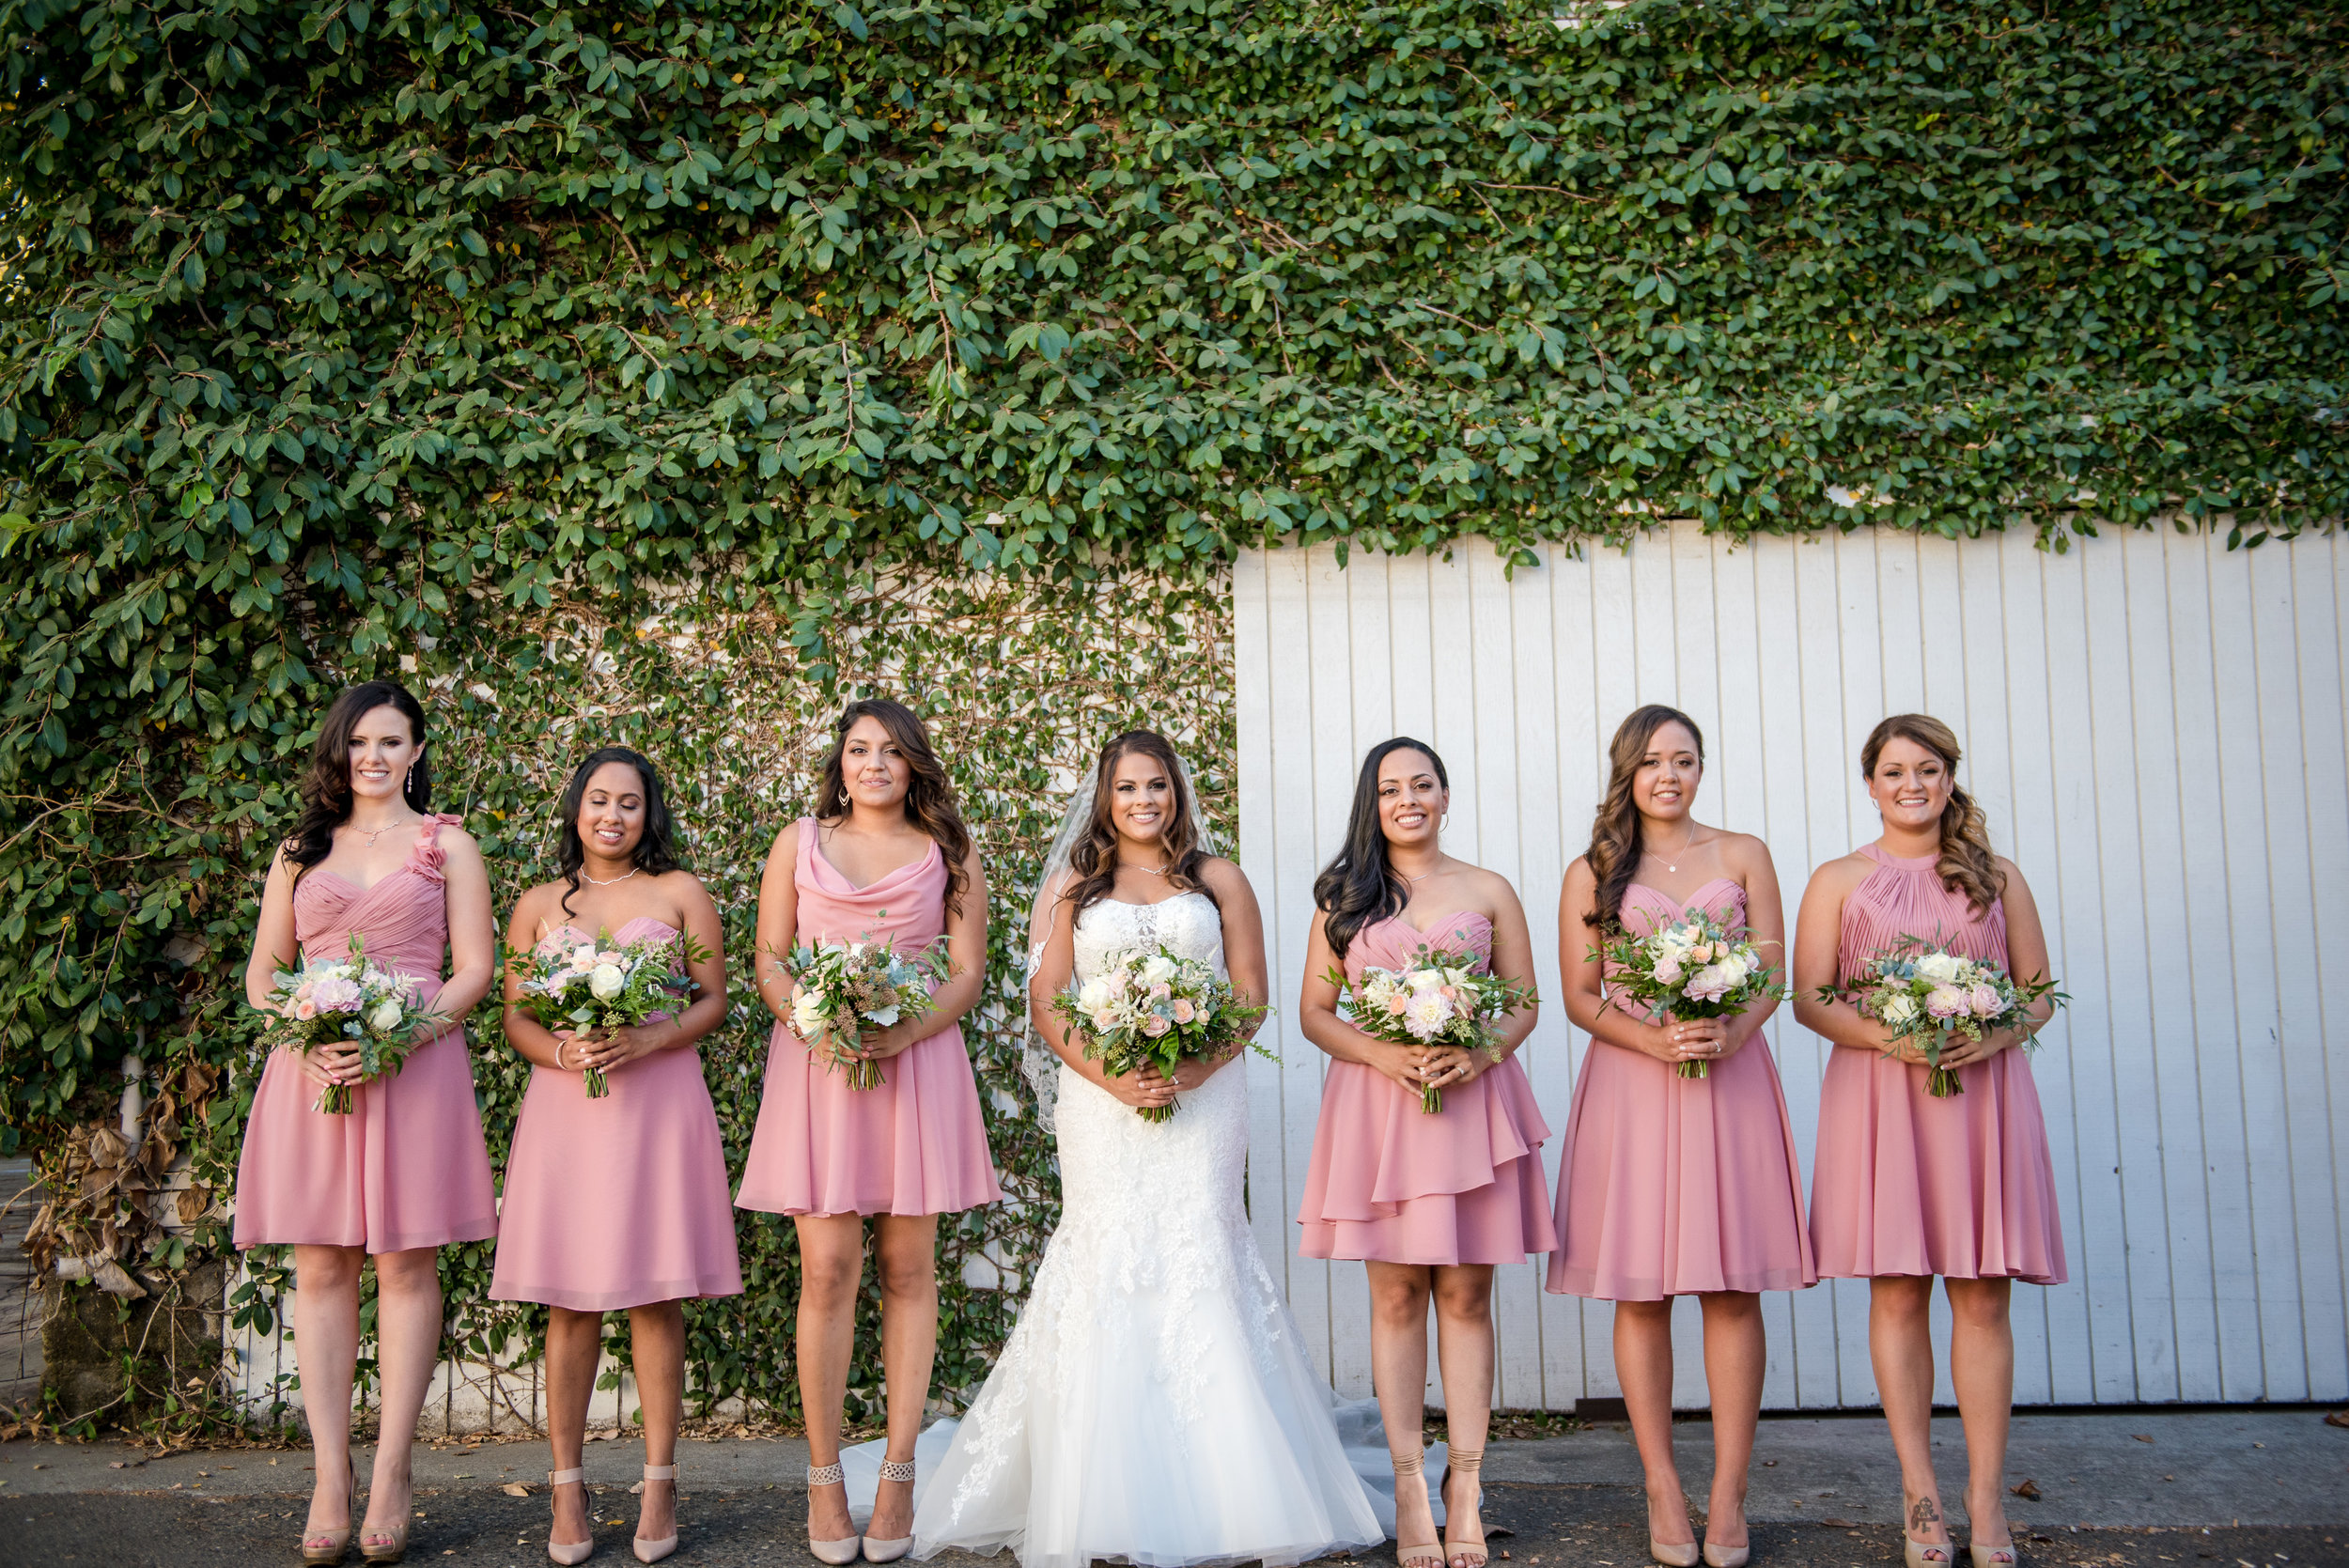 Bride_Bridesmaids_Bouquets_Blush_Pink_Vizcaya_Sacramento_Violette_Fleurs.jpg